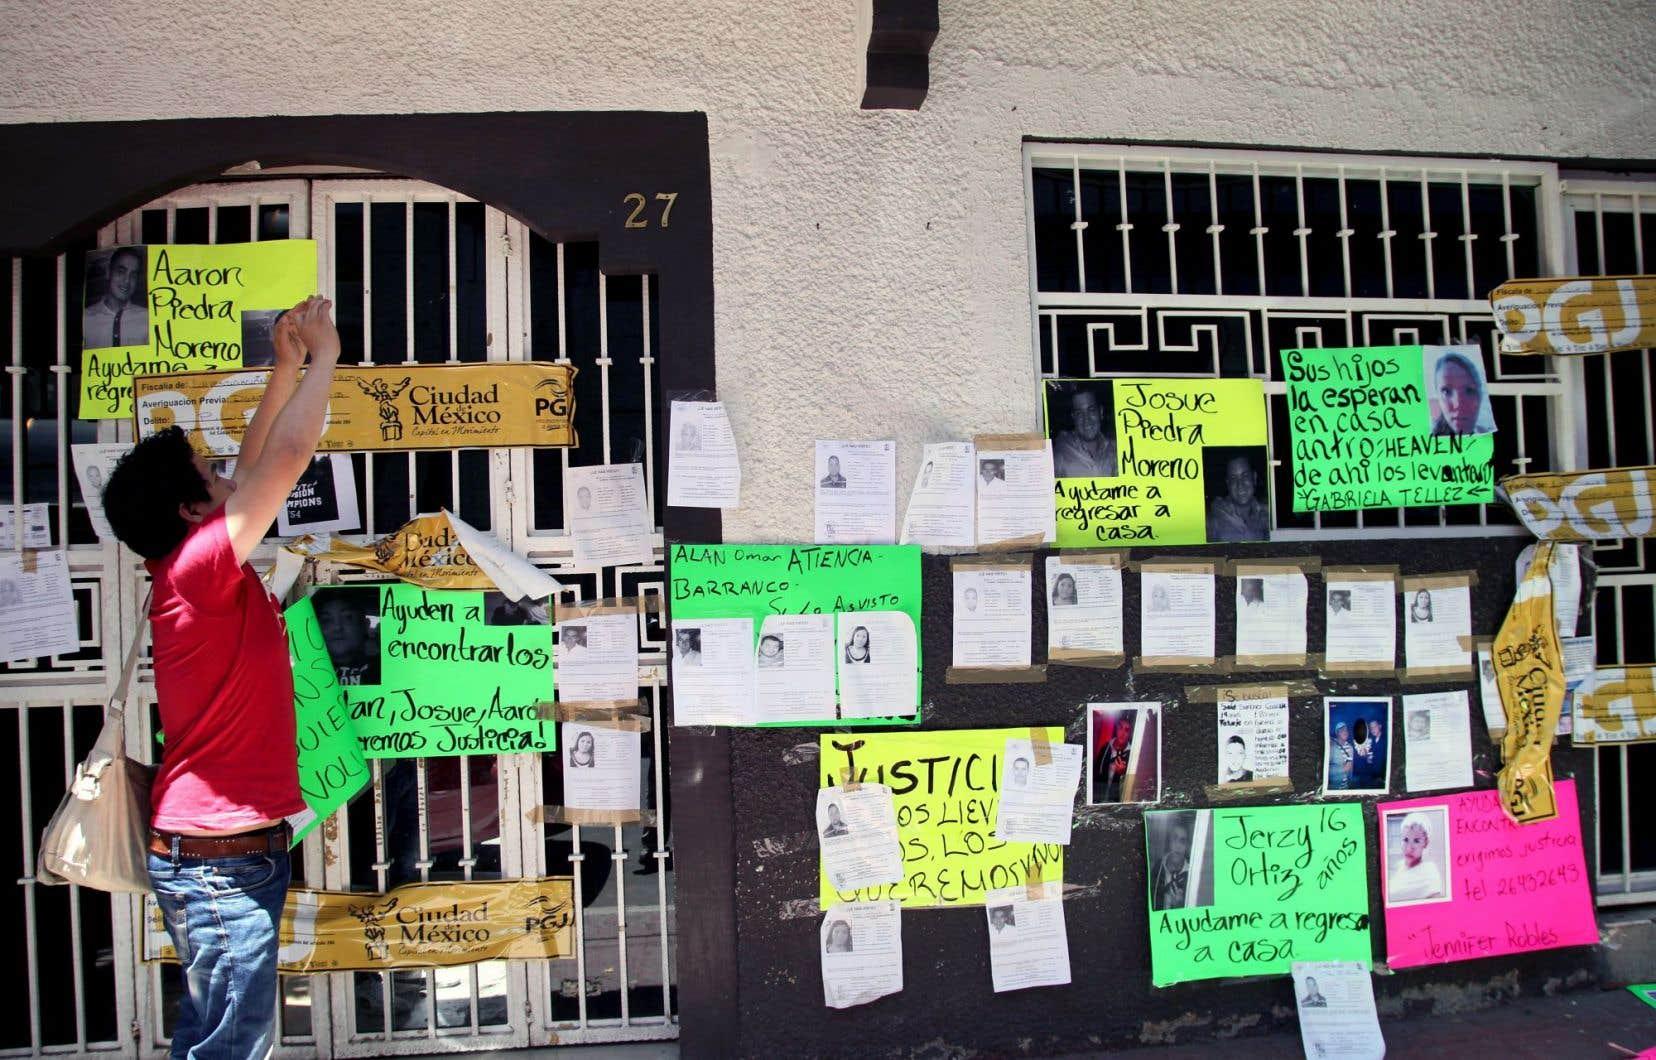 Goldman raconte le mystérieux enlèvement de 12 jeunes, en 2013, devant le bar Heavens de la Zona Rosa, un quartier central et touristique de Mexico.